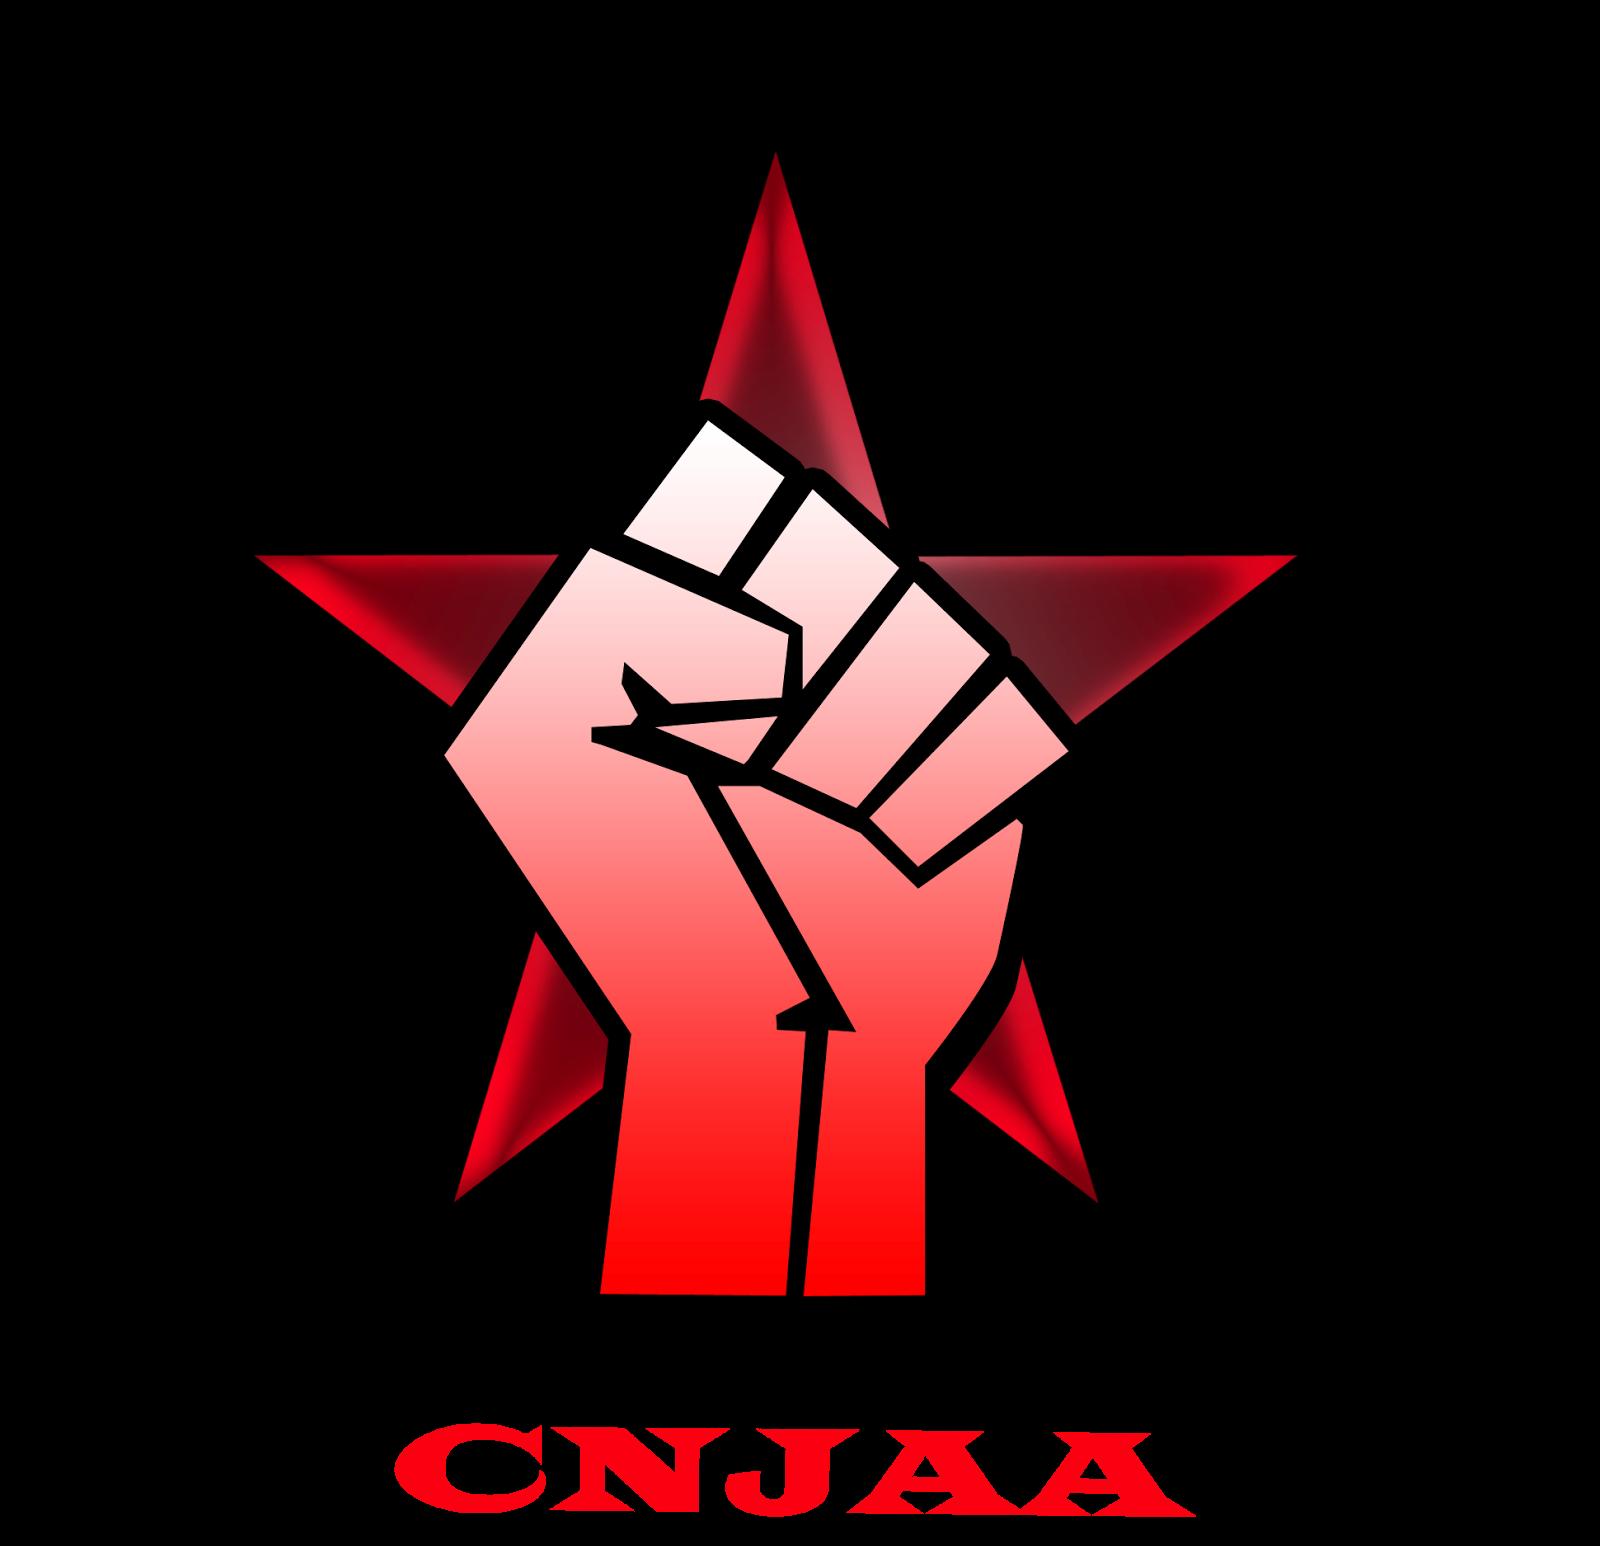 Logo Campamento Nacional de la Juventud Antifascista y Antiimperialista